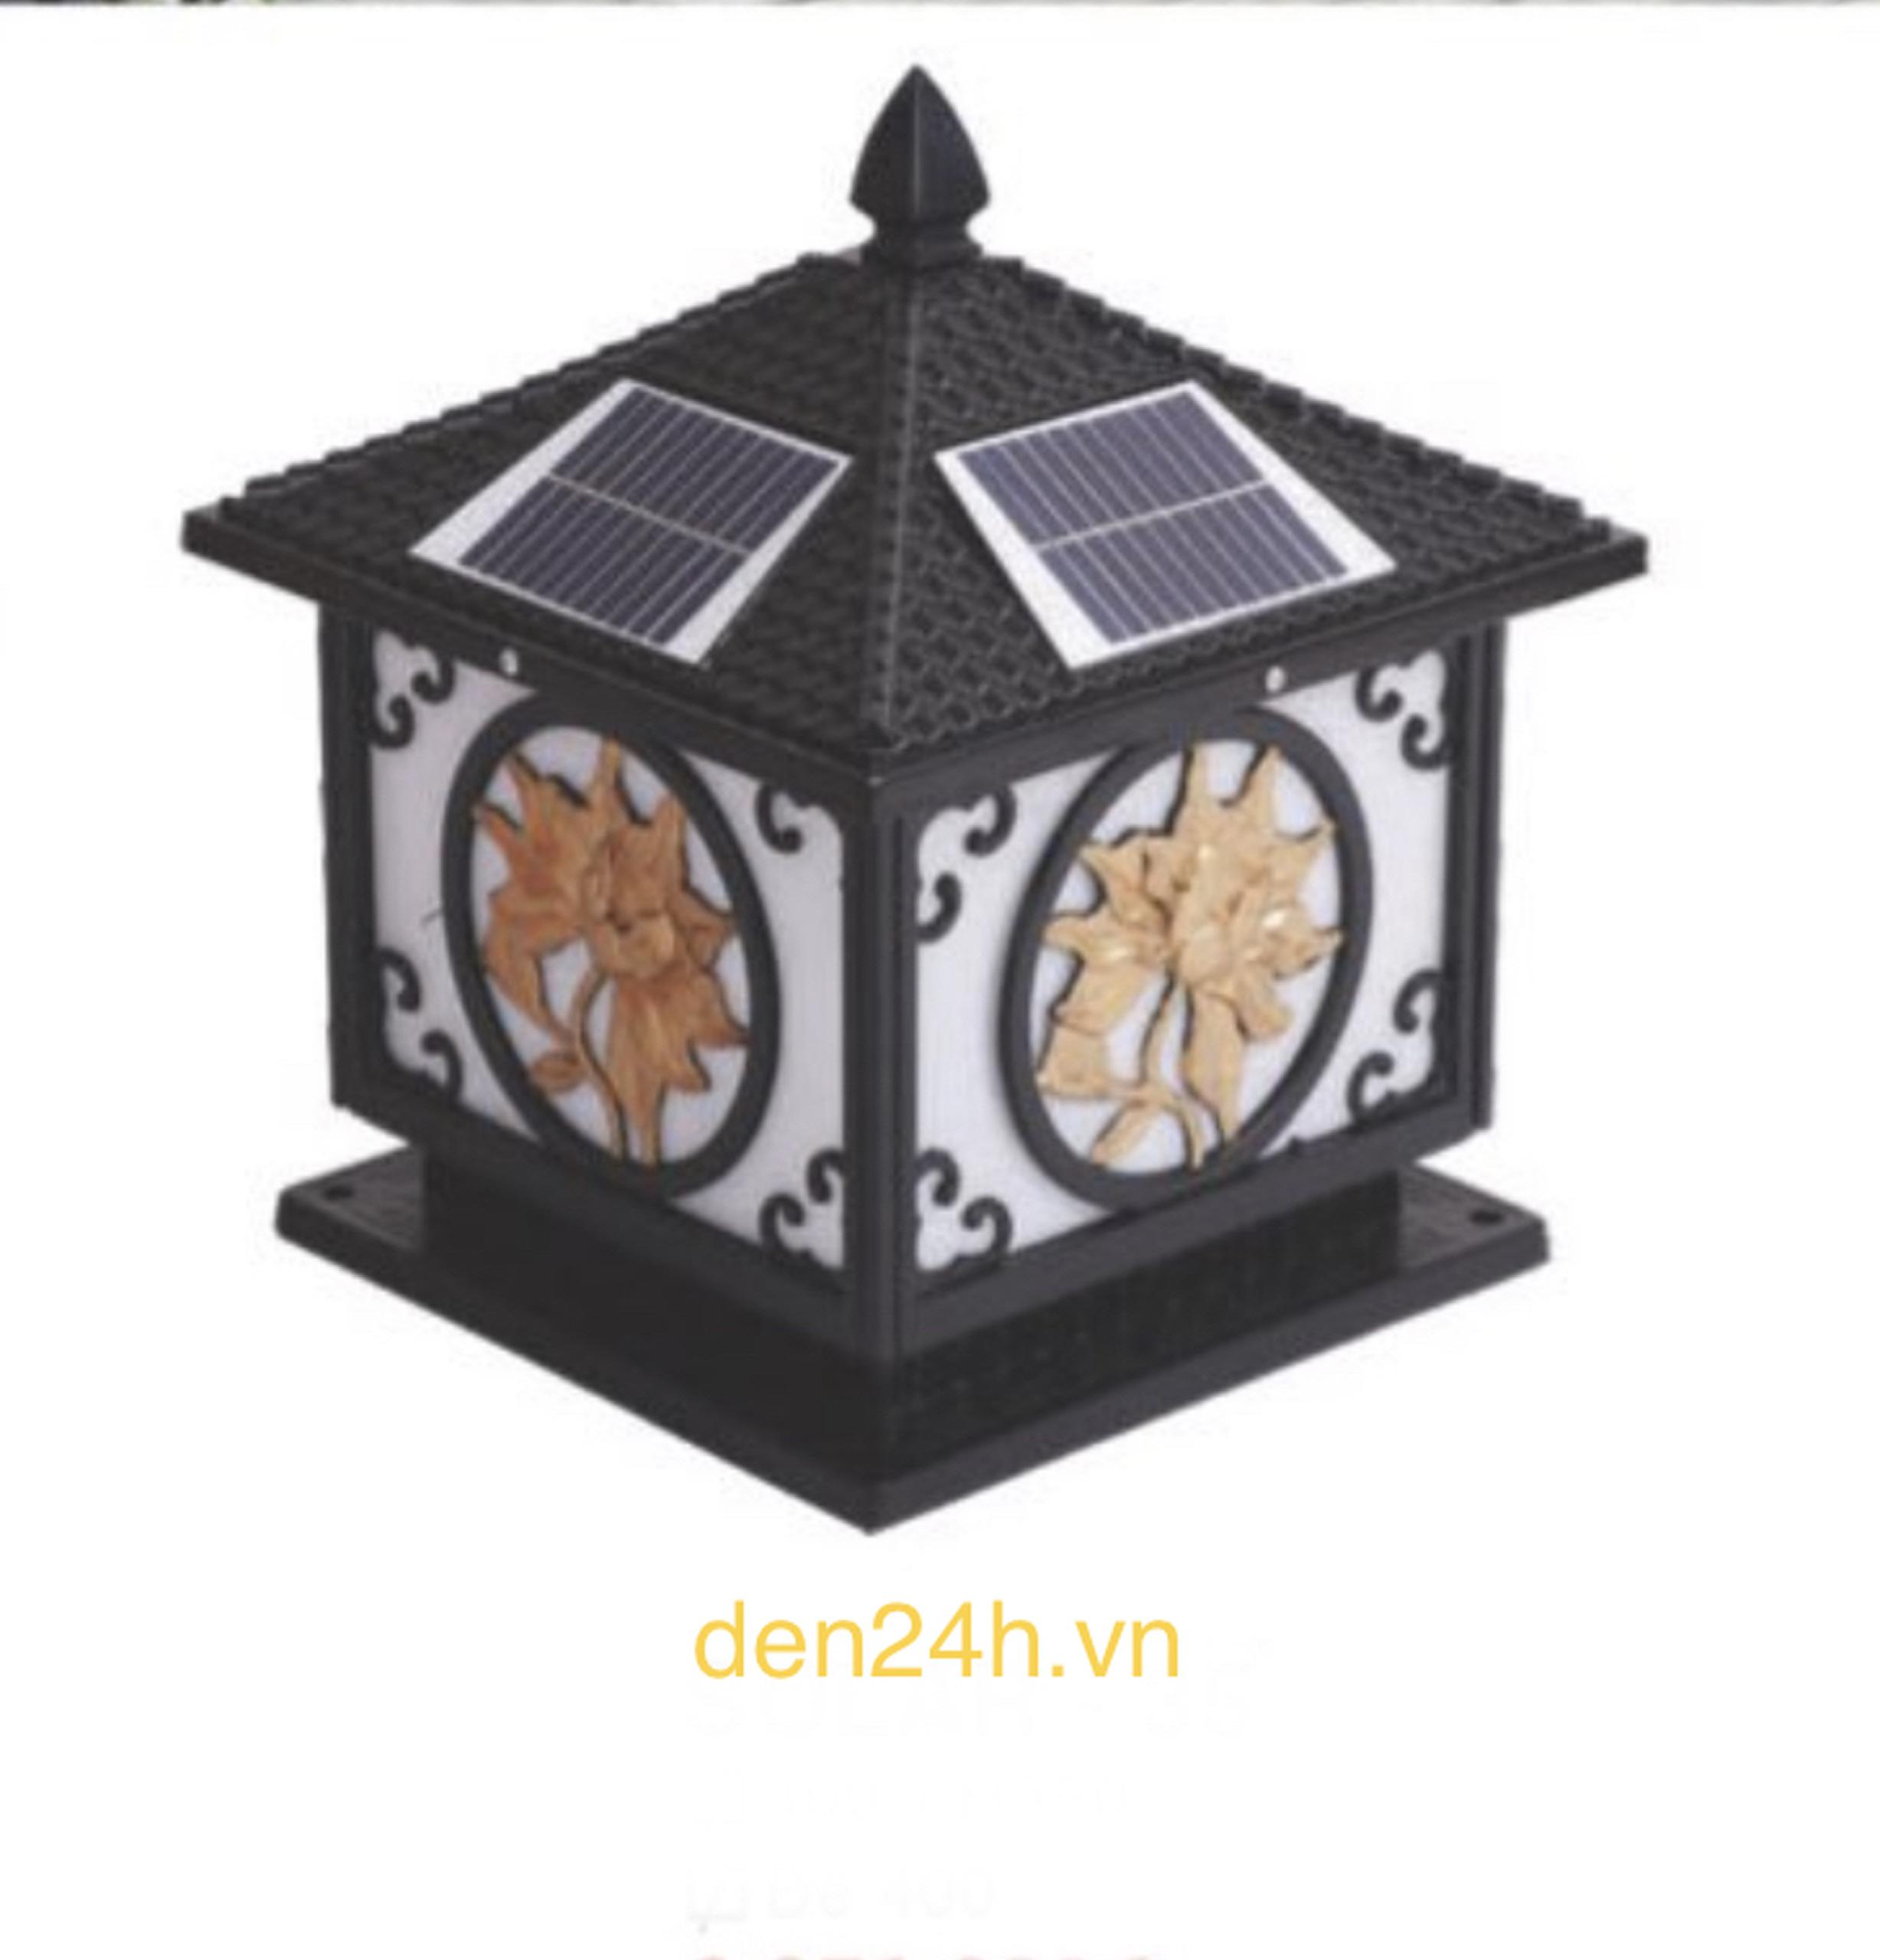 Đèn trụ cổng năng lượng mặt trời CT1 Solar-35  L400xH350